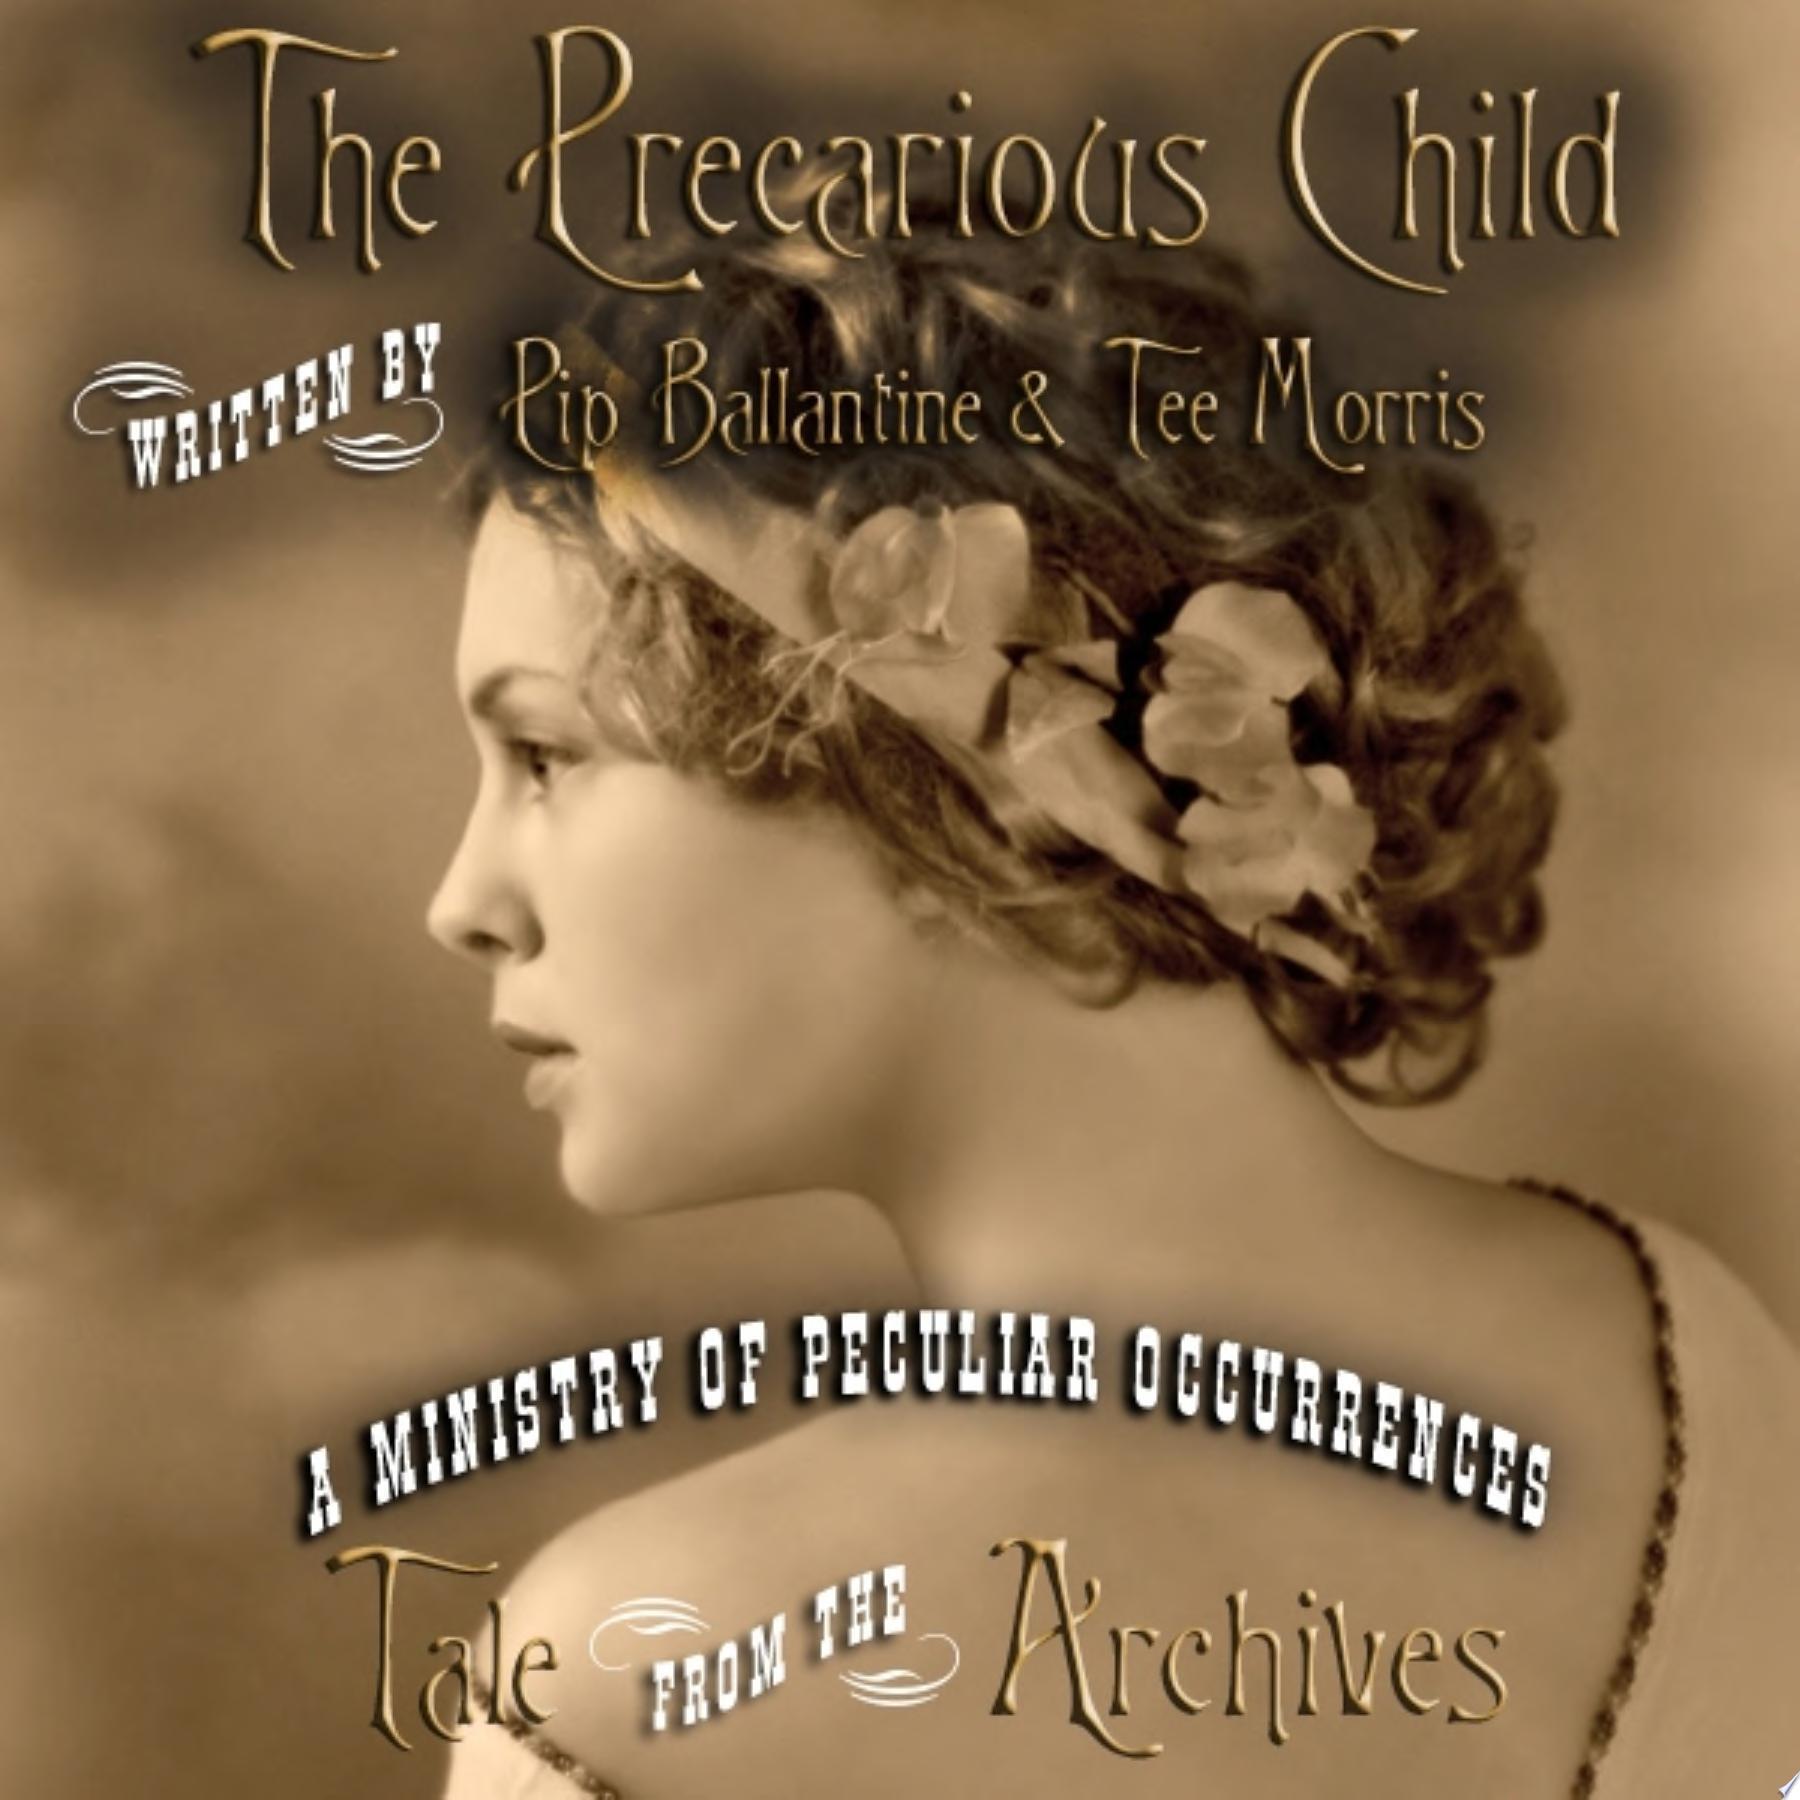 The Precarious Child